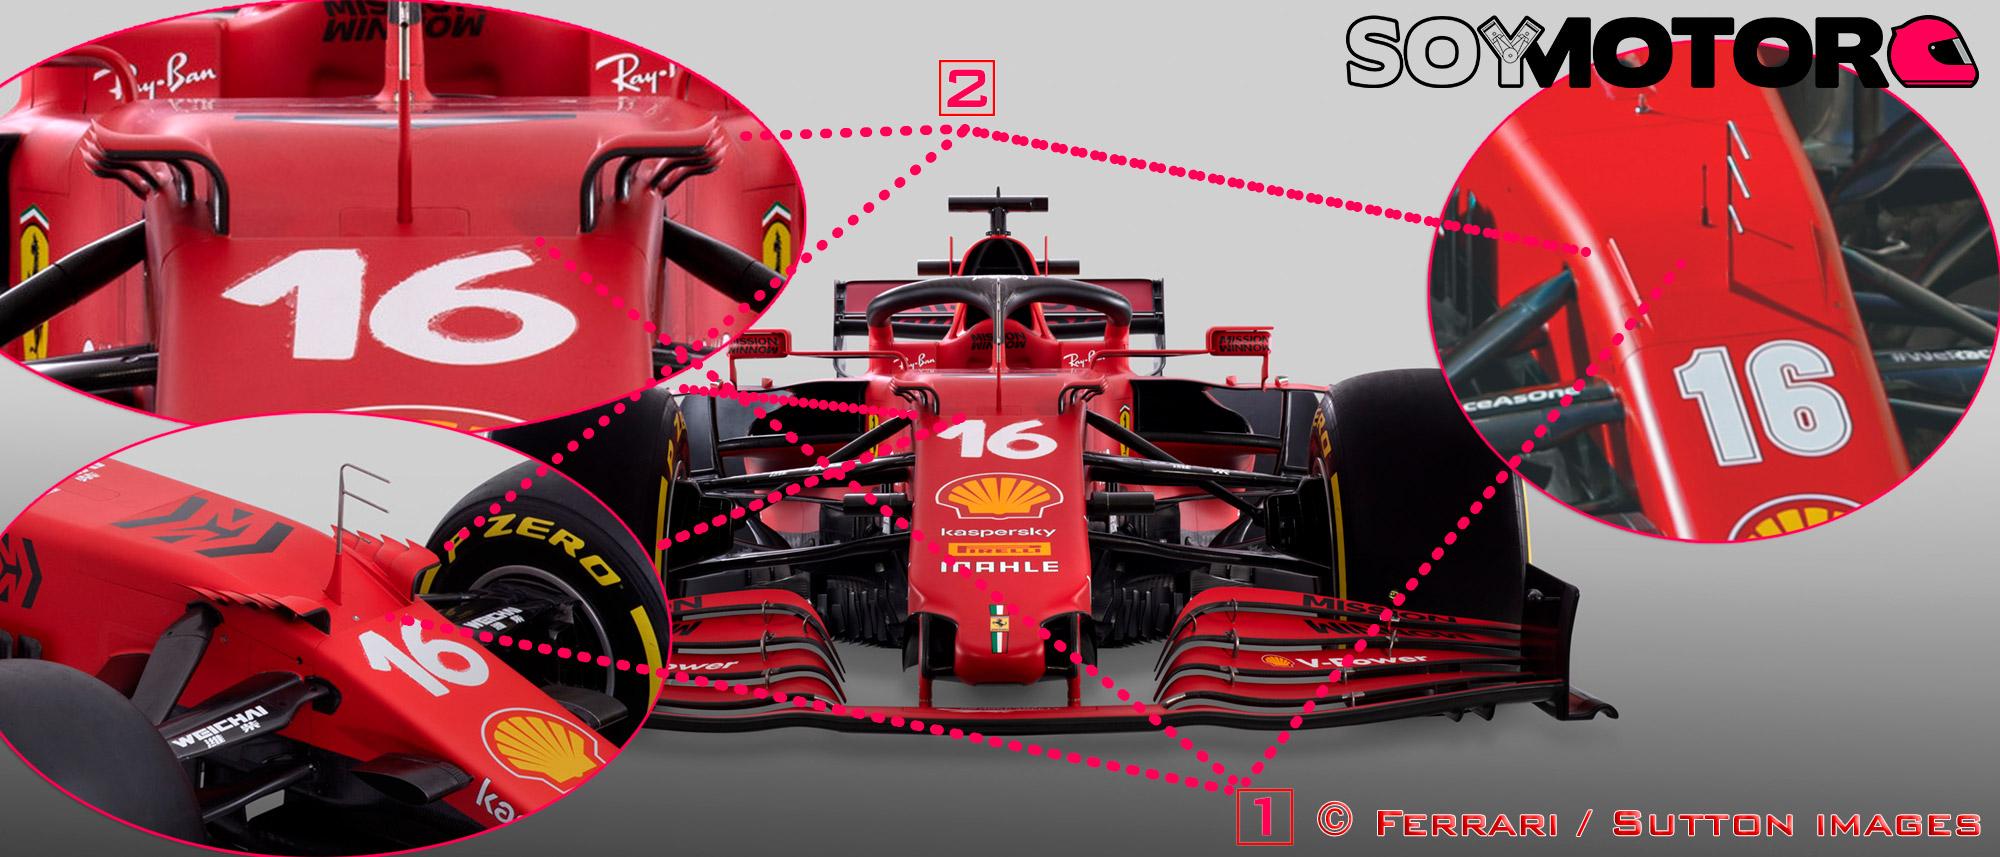 ferrari-sf21-deflectores-morro-y-s-duct-soymotor.jpg